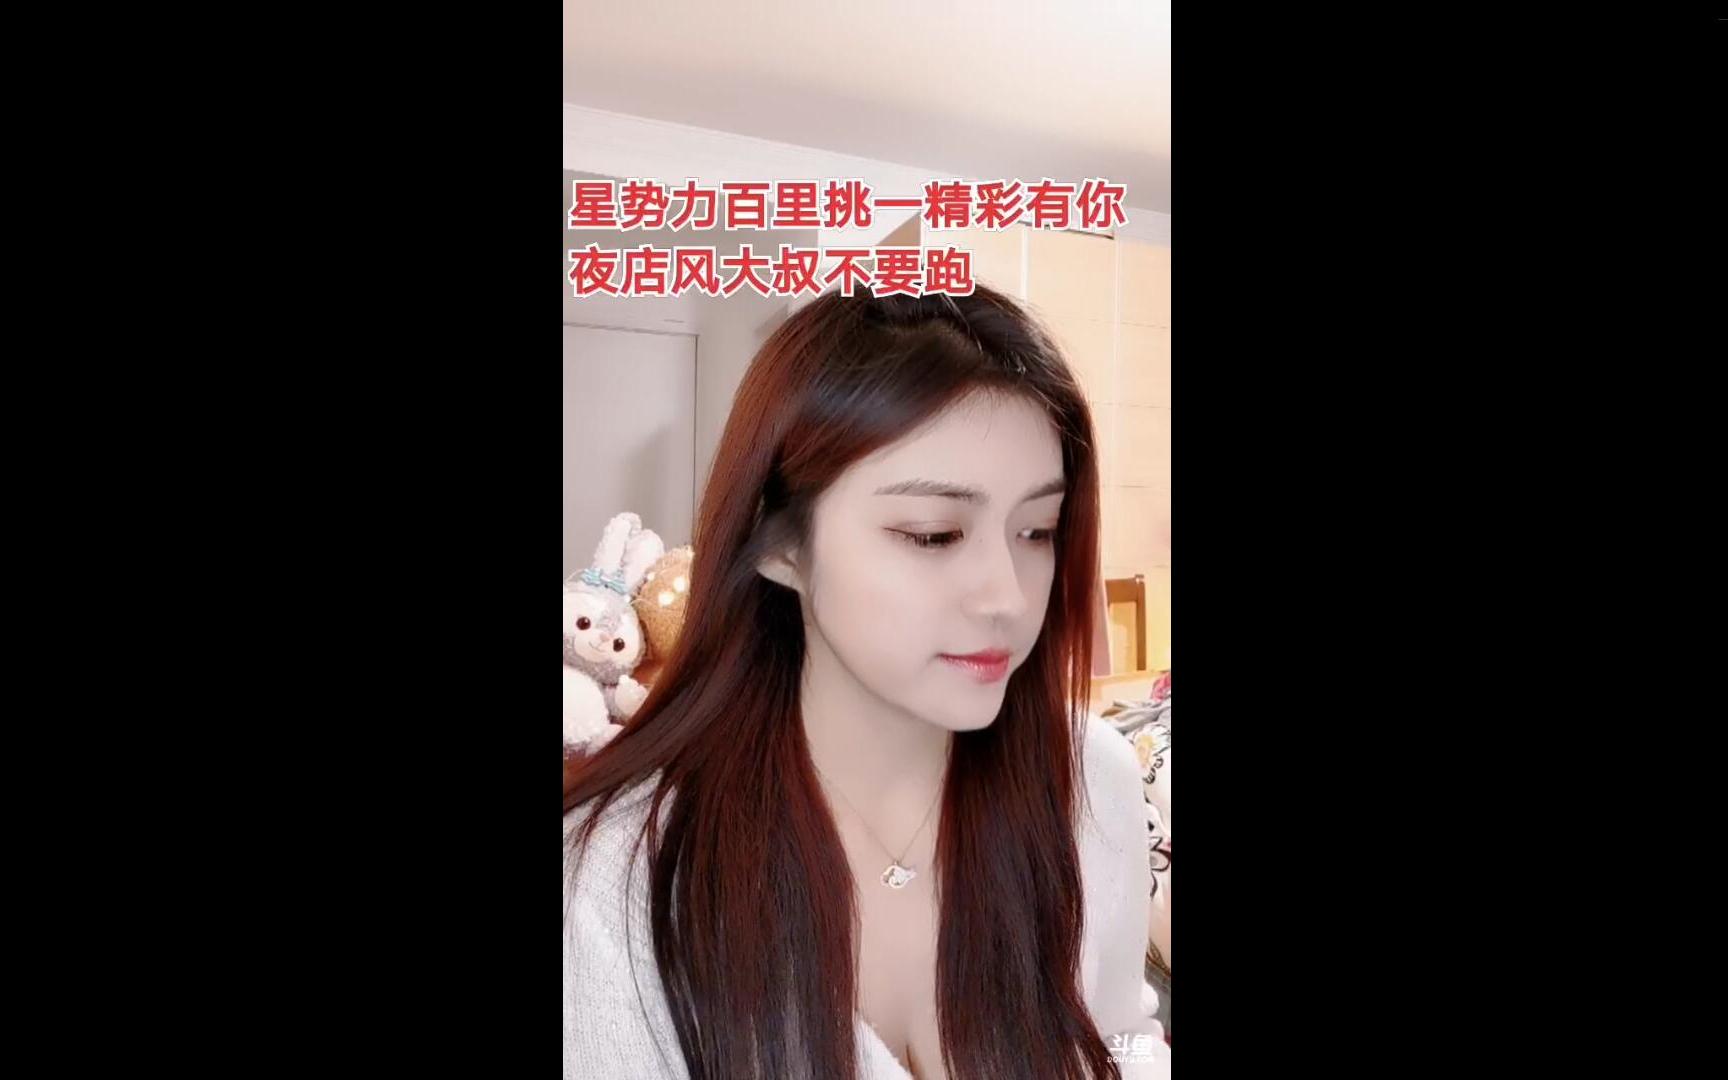 斗鱼-大美人虞姬_2021.04.02_18-59-02直播回放